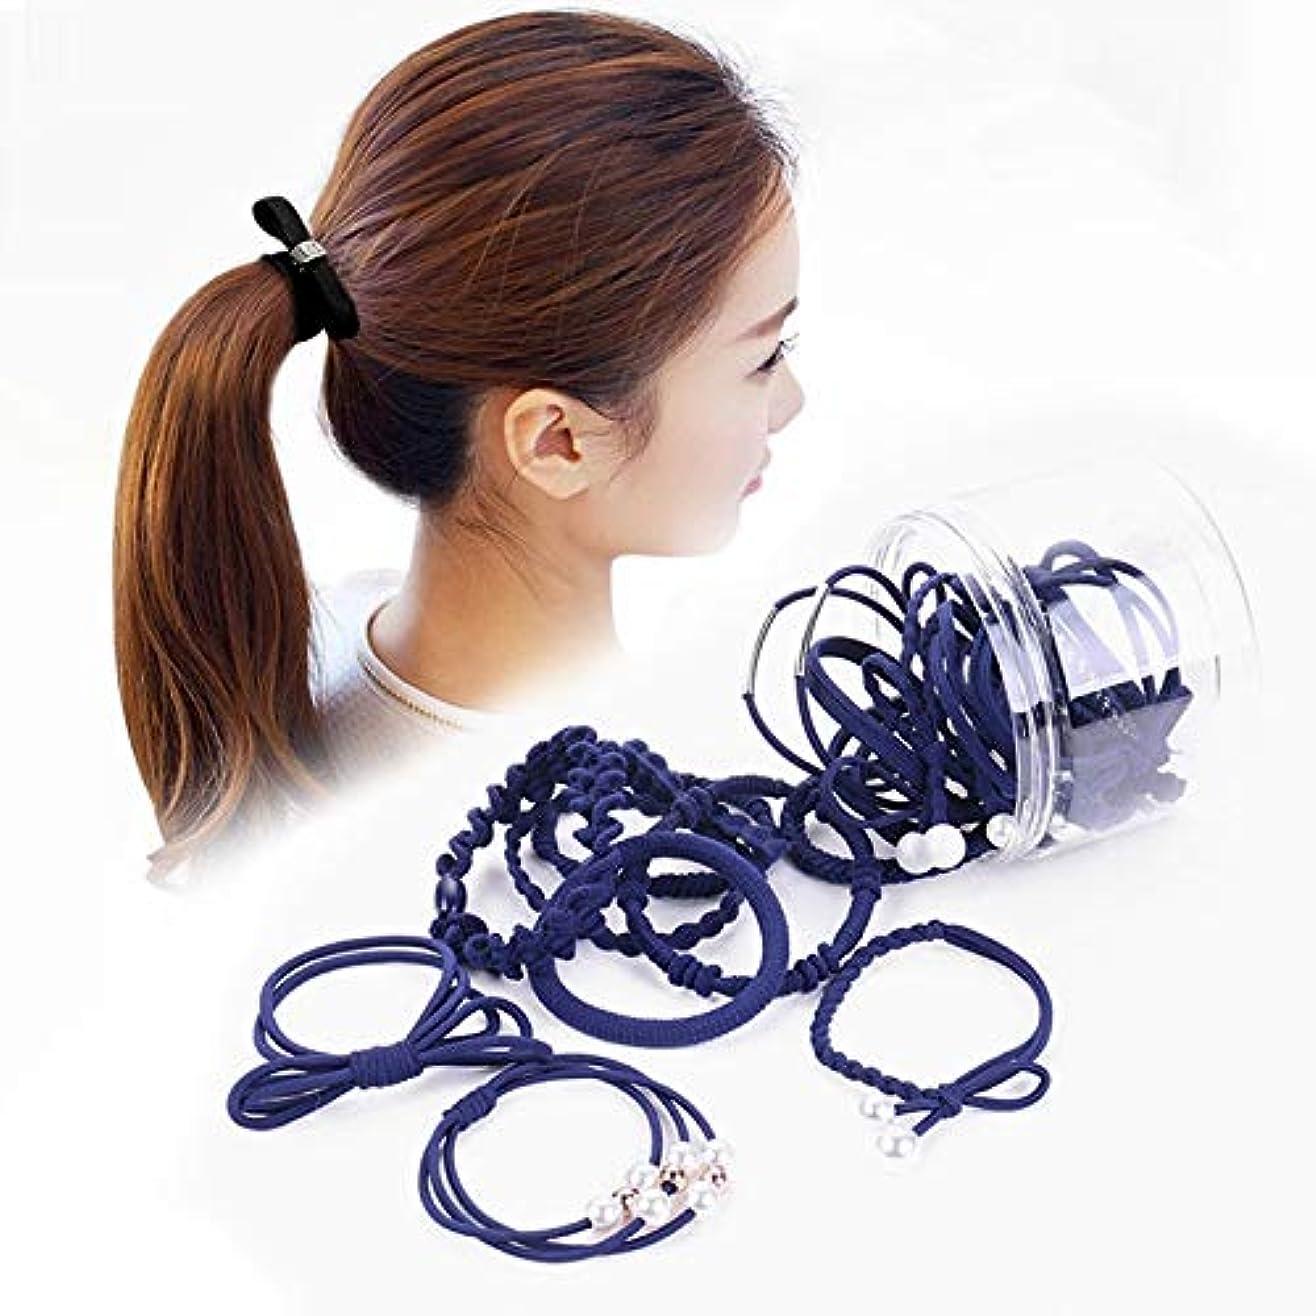 作曲家生活侵入Hairpinheair YHM 24 PCS/箱入りシンプルクリエイティブレディパールちょう結びスタイルヘアバンド(ブラック) (色 : Navy Blue)